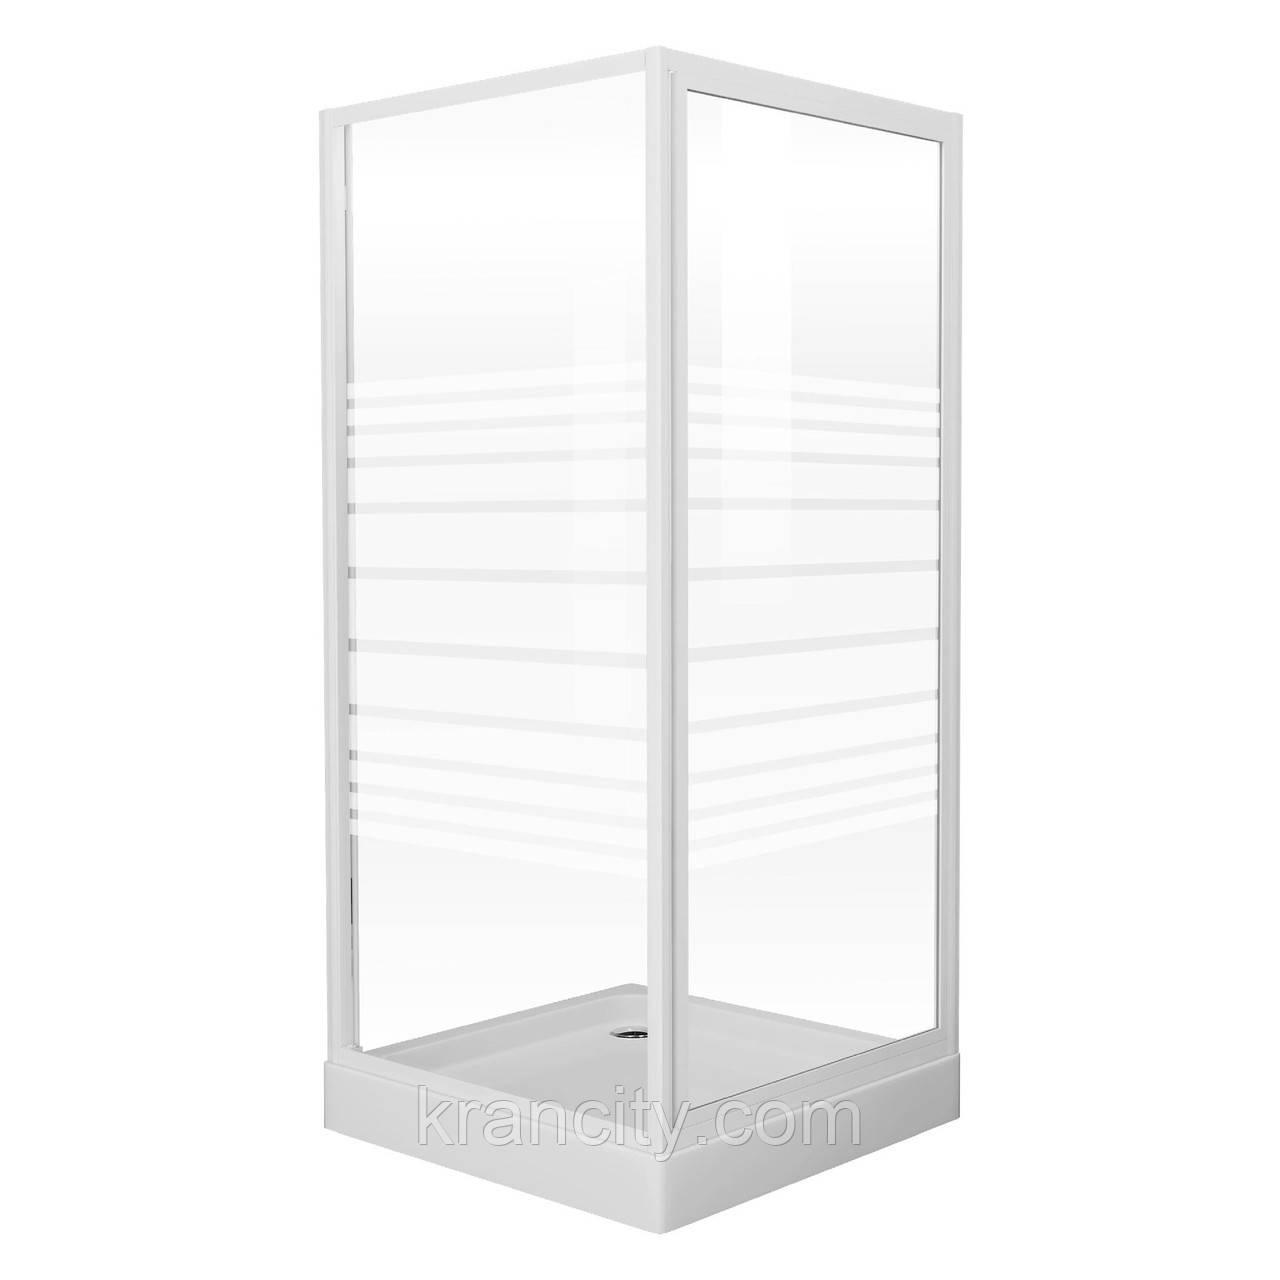 """Душевая кабина EGER FRIDA 90*90*185 см, профиль белый, стекло """"Frizek"""" (стекла+двери)"""